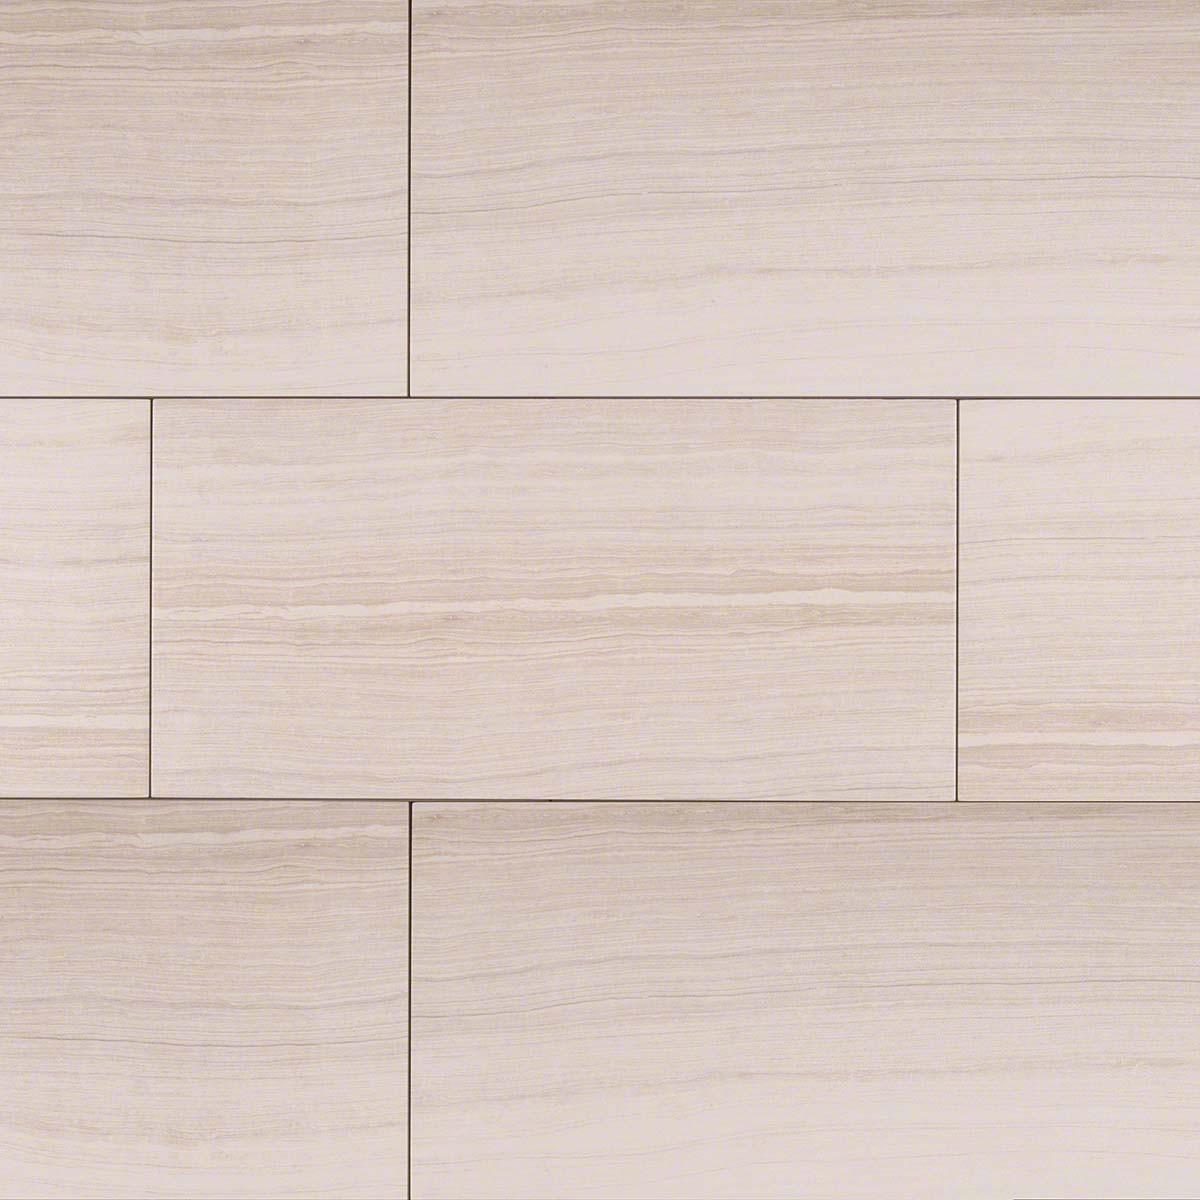 Eramosa white 12 x 24 porcelain tile nerawhi1224 for 12 x 24 ceramic floor tile